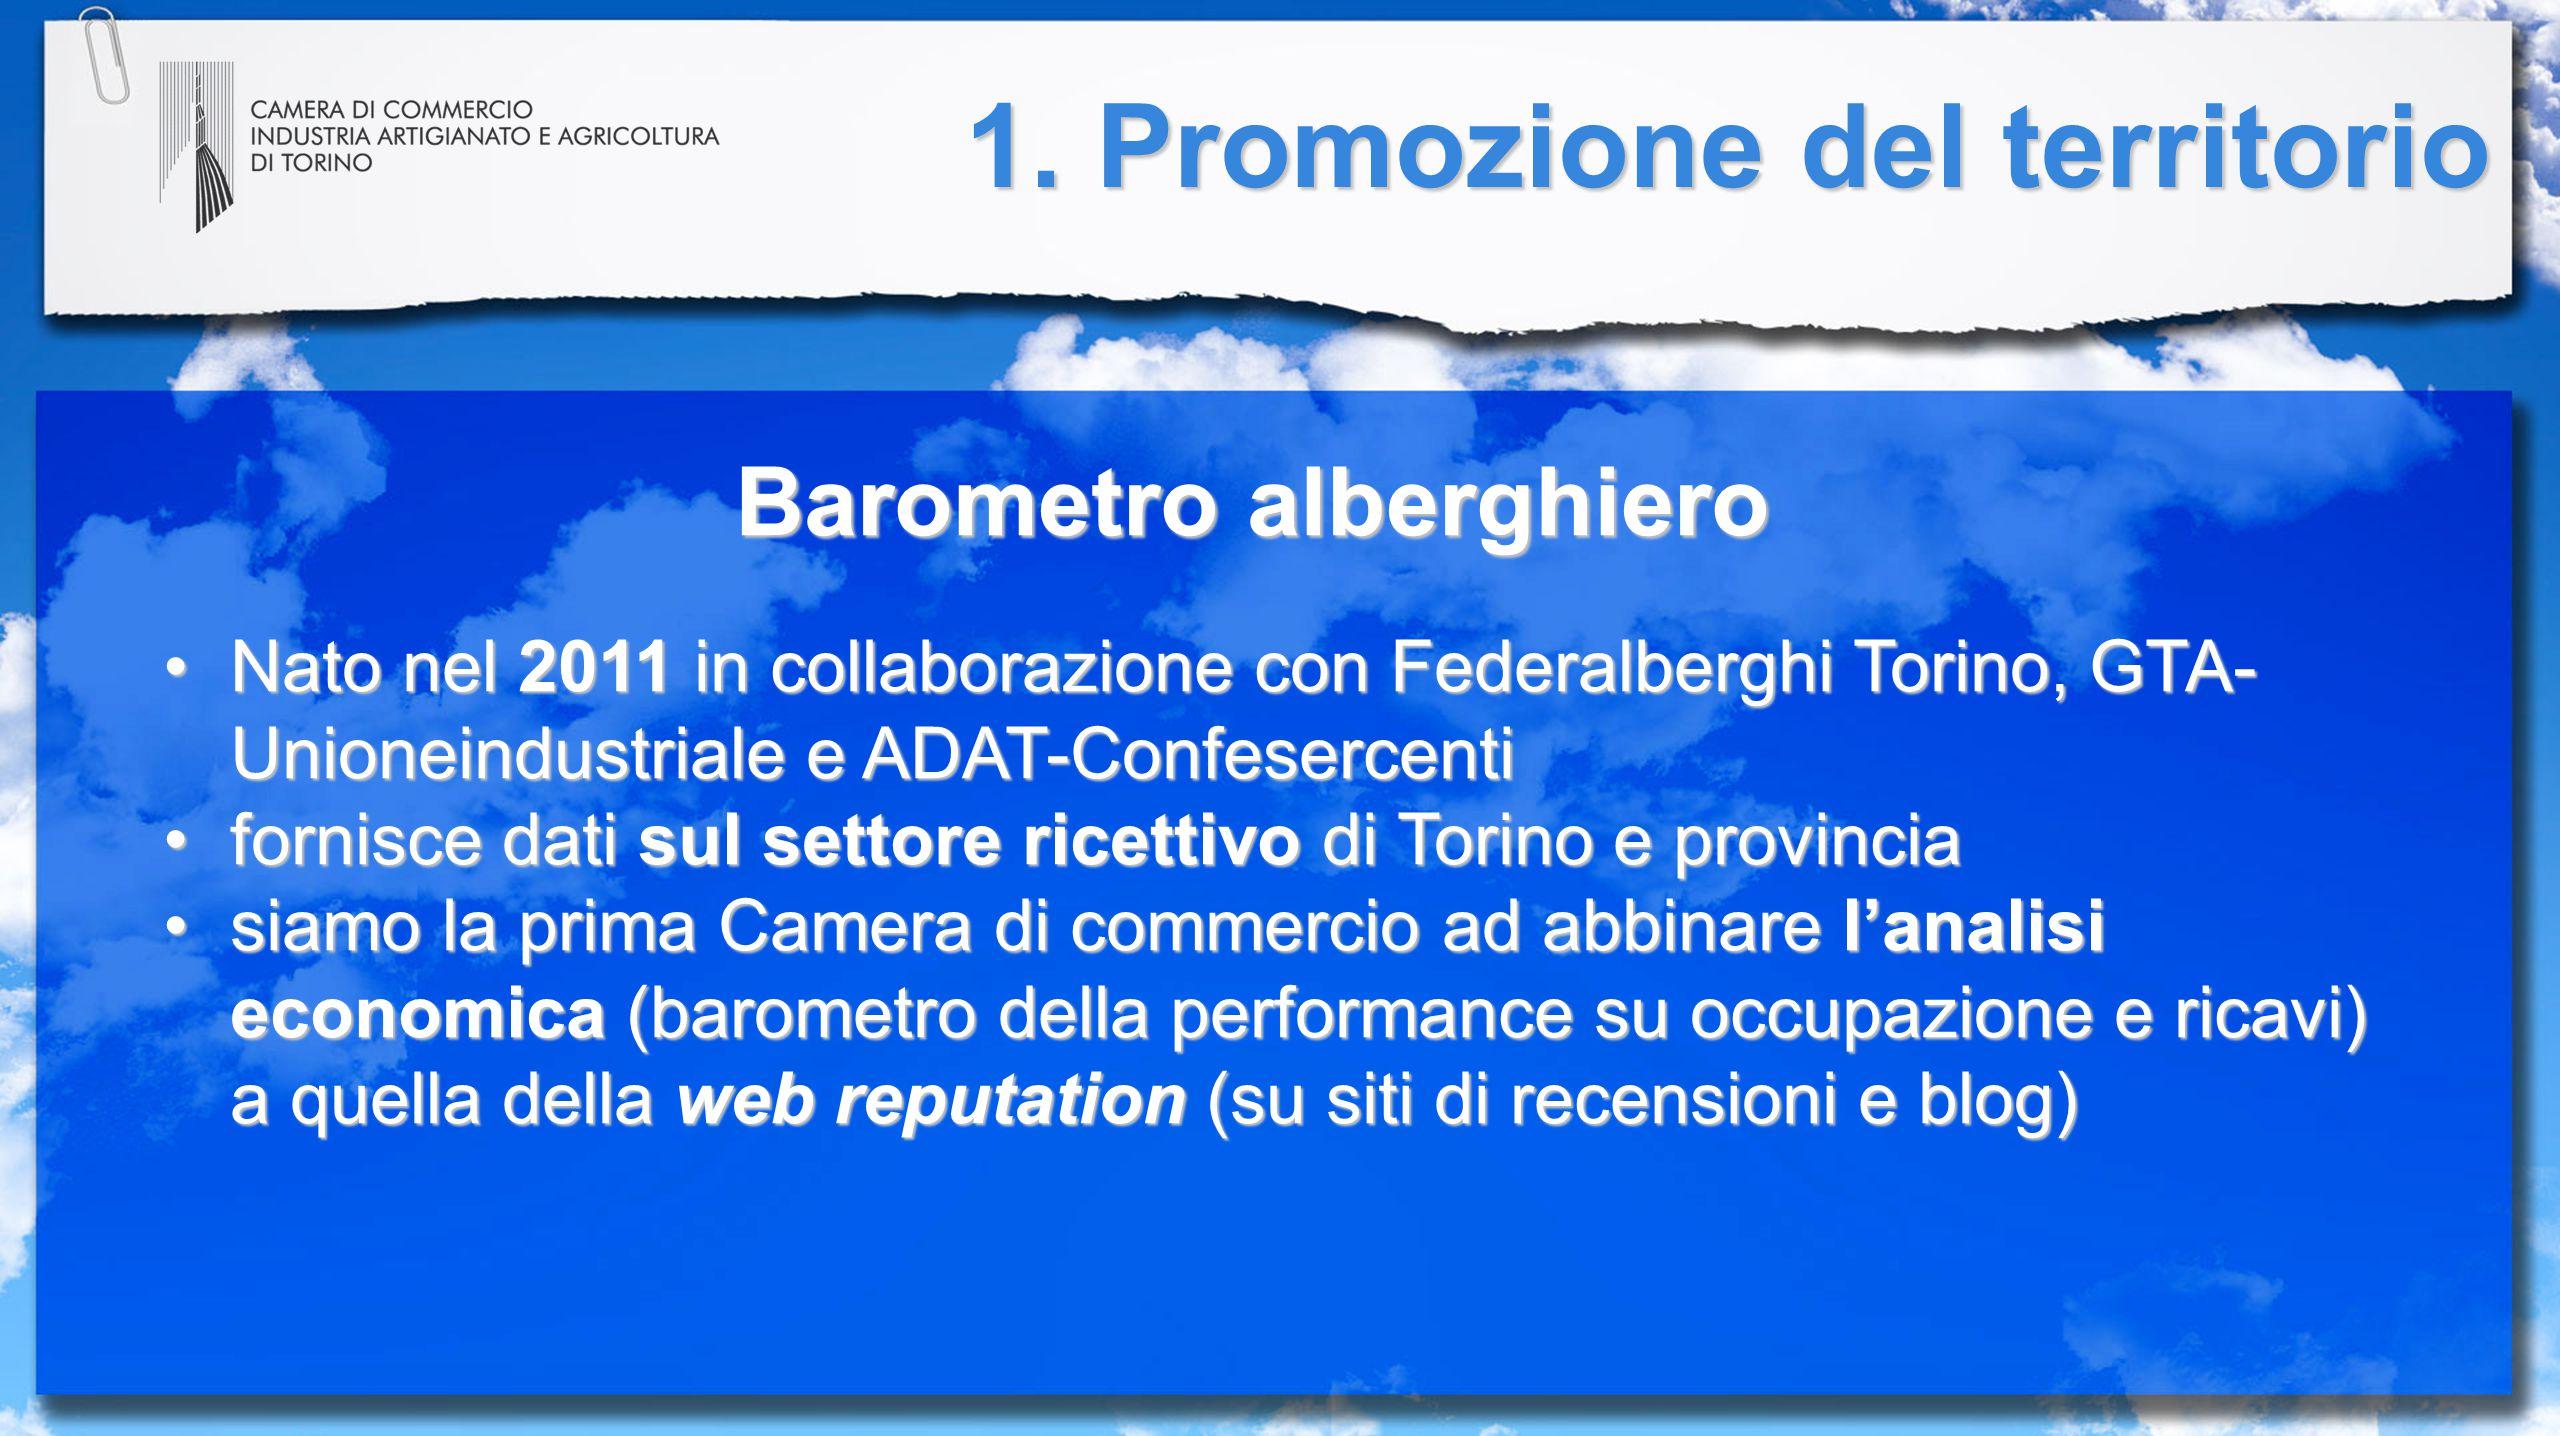 Barometro alberghiero Nato nel 2011 in collaborazione con Federalberghi Torino, GTA- Unioneindustriale e ADAT-ConfesercentiNato nel 2011 in collaborazione con Federalberghi Torino, GTA- Unioneindustriale e ADAT-Confesercenti fornisce dati sul settore ricettivo di Torino e provinciafornisce dati sul settore ricettivo di Torino e provincia siamo la prima Camera di commercio ad abbinare l'analisi economica (barometro della performance su occupazione e ricavi) a quella della web reputation (su siti di recensioni e blog)siamo la prima Camera di commercio ad abbinare l'analisi economica (barometro della performance su occupazione e ricavi) a quella della web reputation (su siti di recensioni e blog) 1.